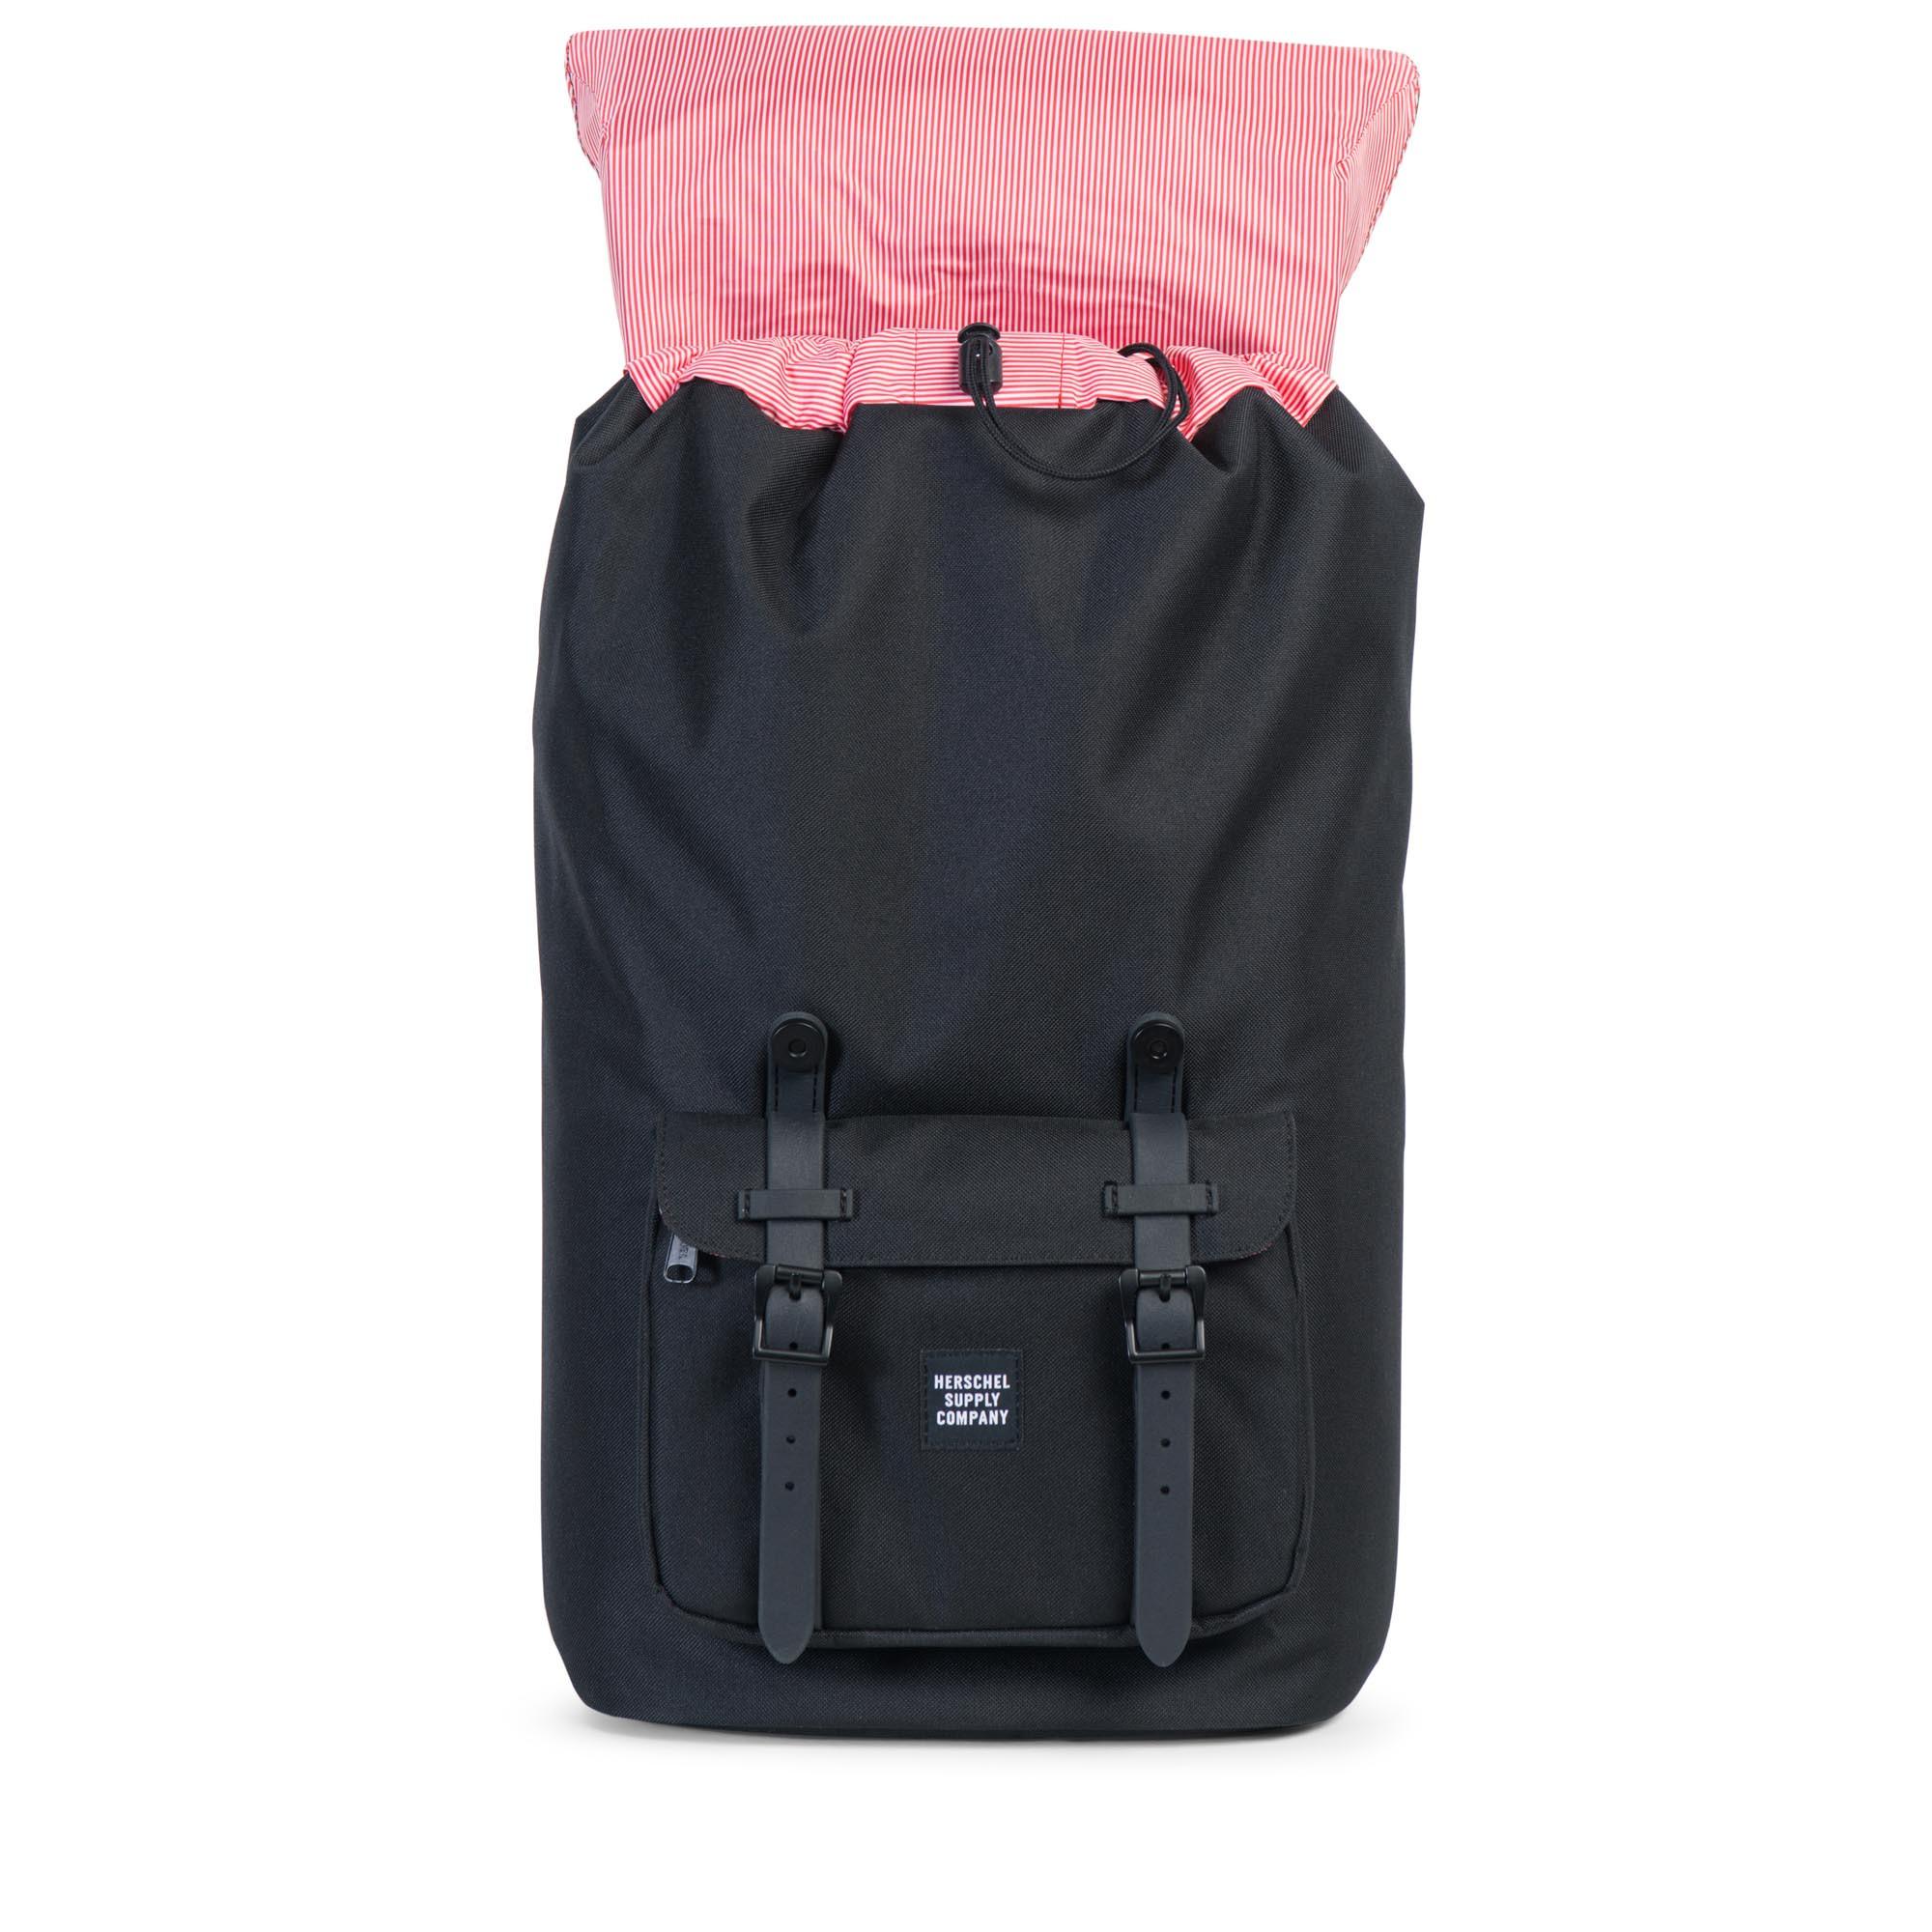 herschel supply co little america backpack in beige black black rubber gum lyst. Black Bedroom Furniture Sets. Home Design Ideas